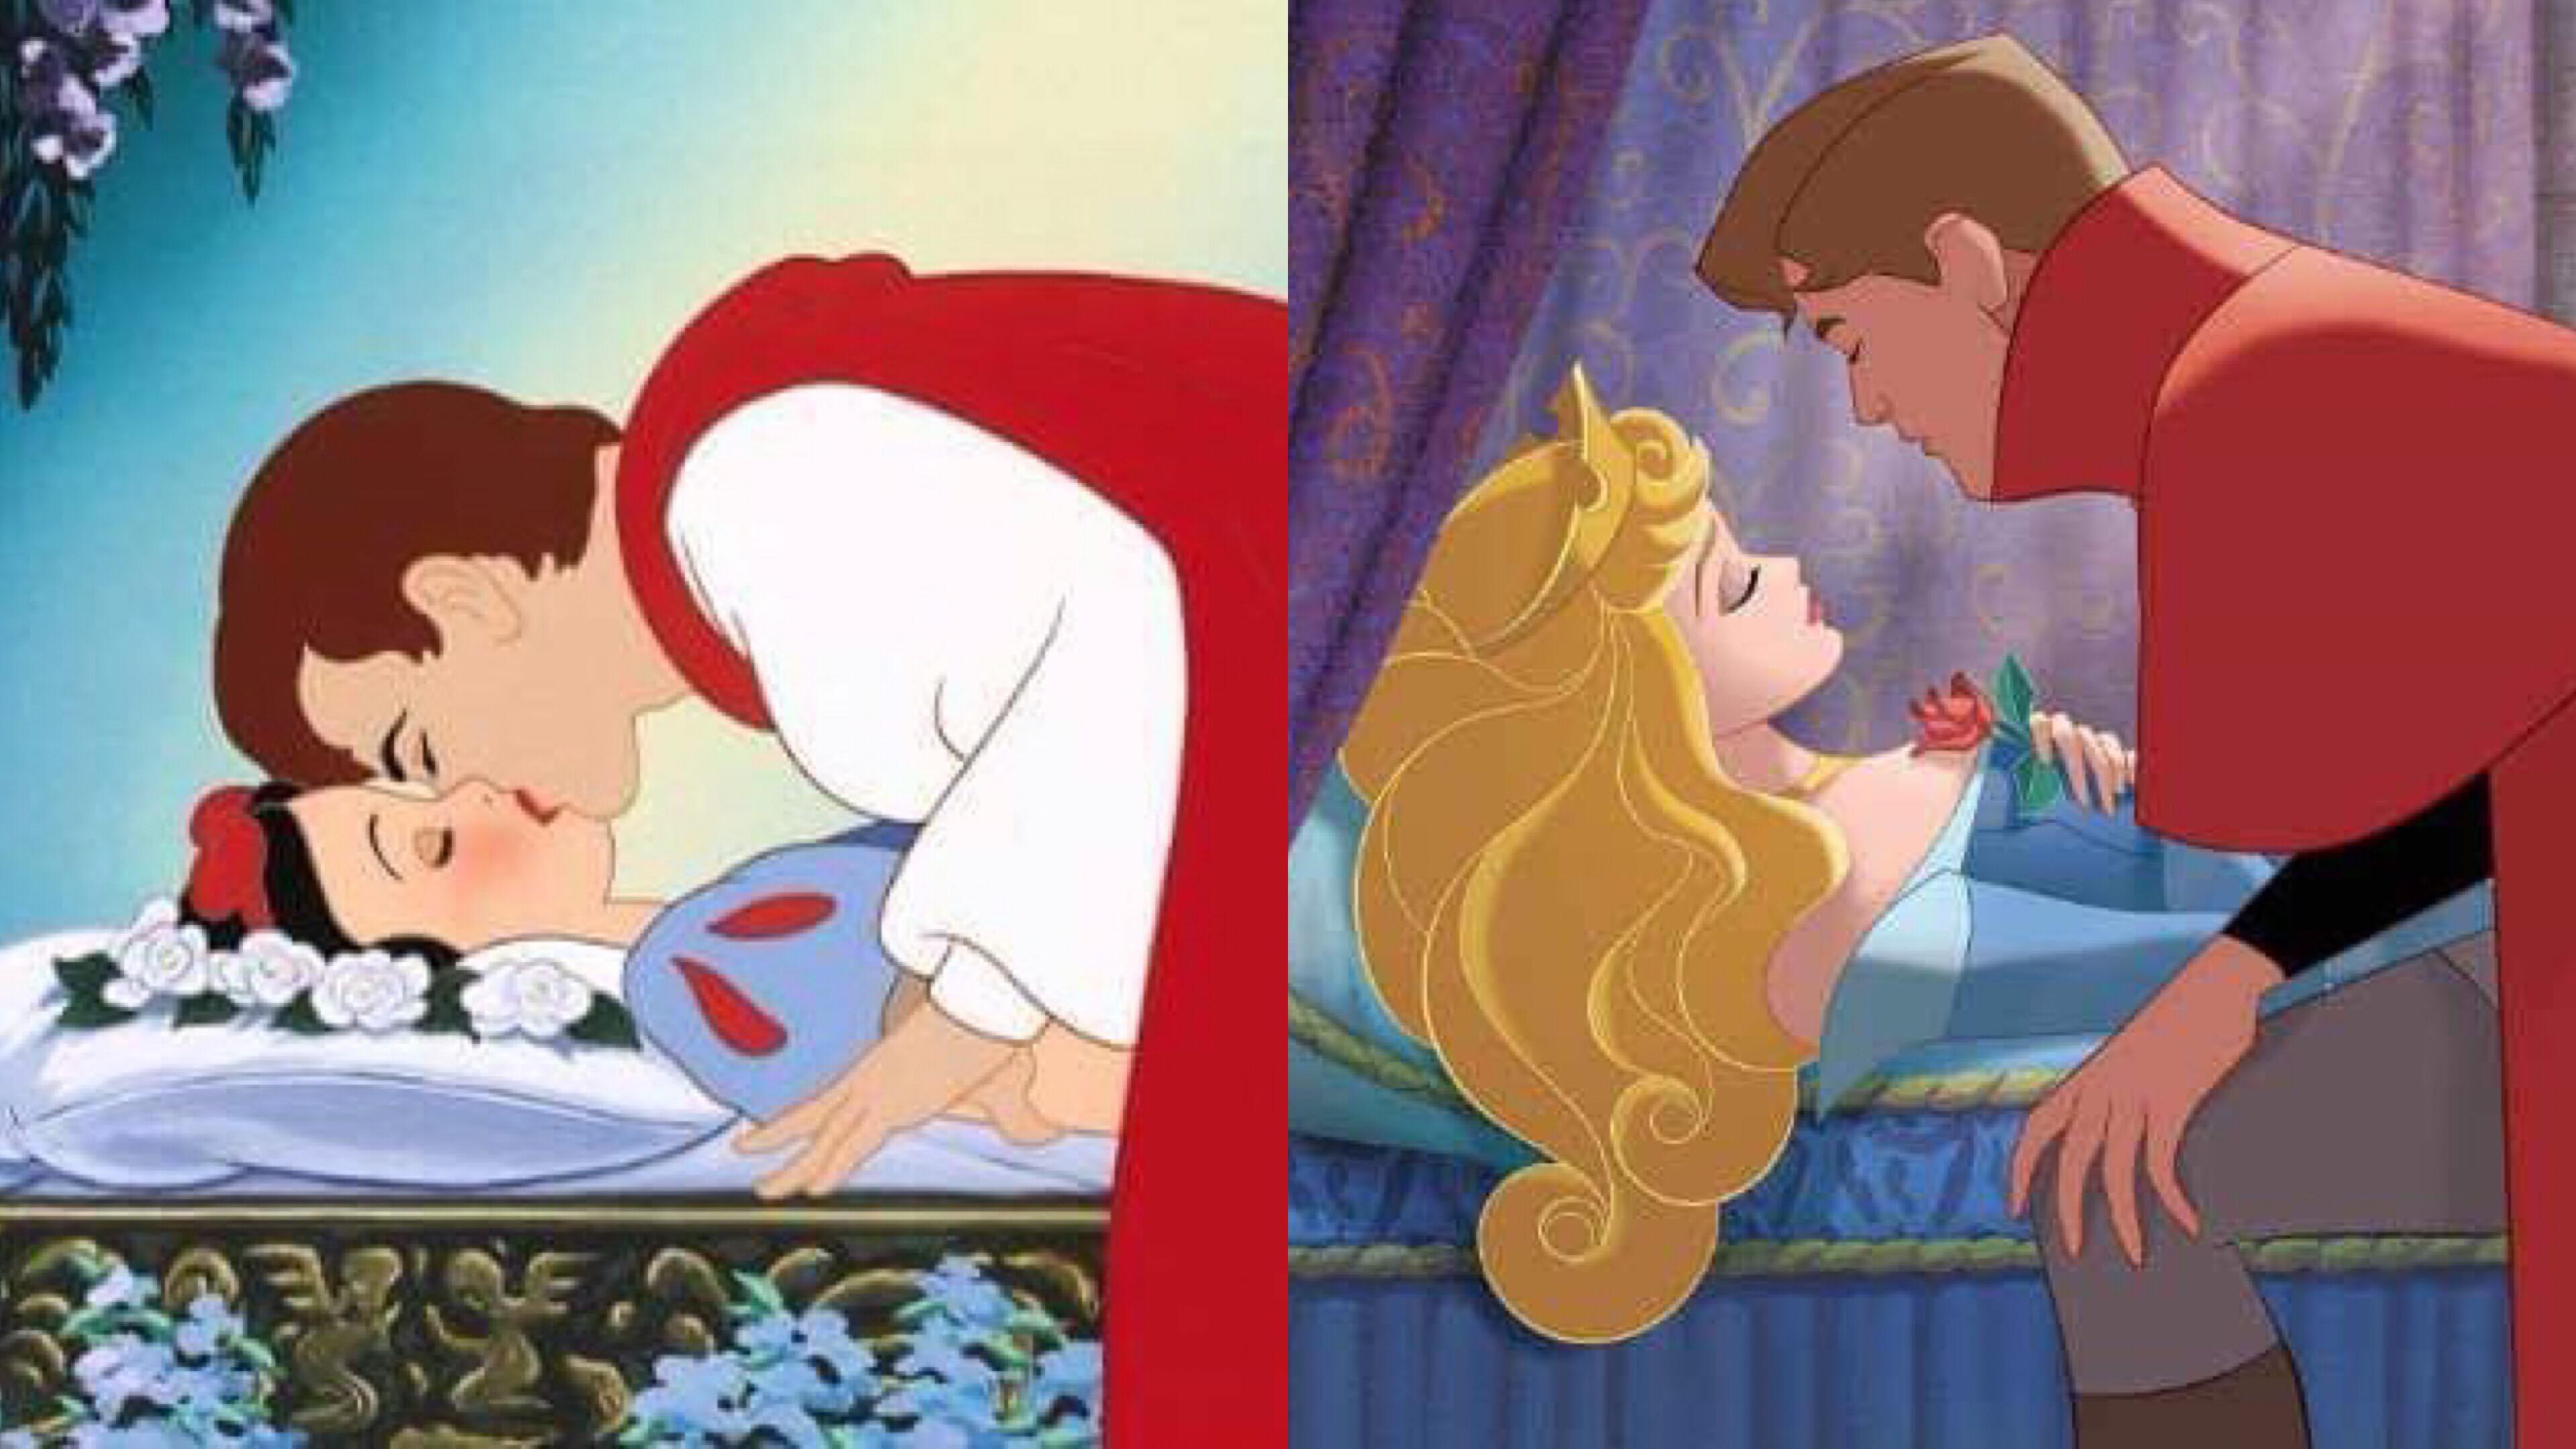 「王子救公主的設定已經看膩了?」迪士尼在 2013 年用這一部電影,超越了這個設定! – 我們用電影寫日記